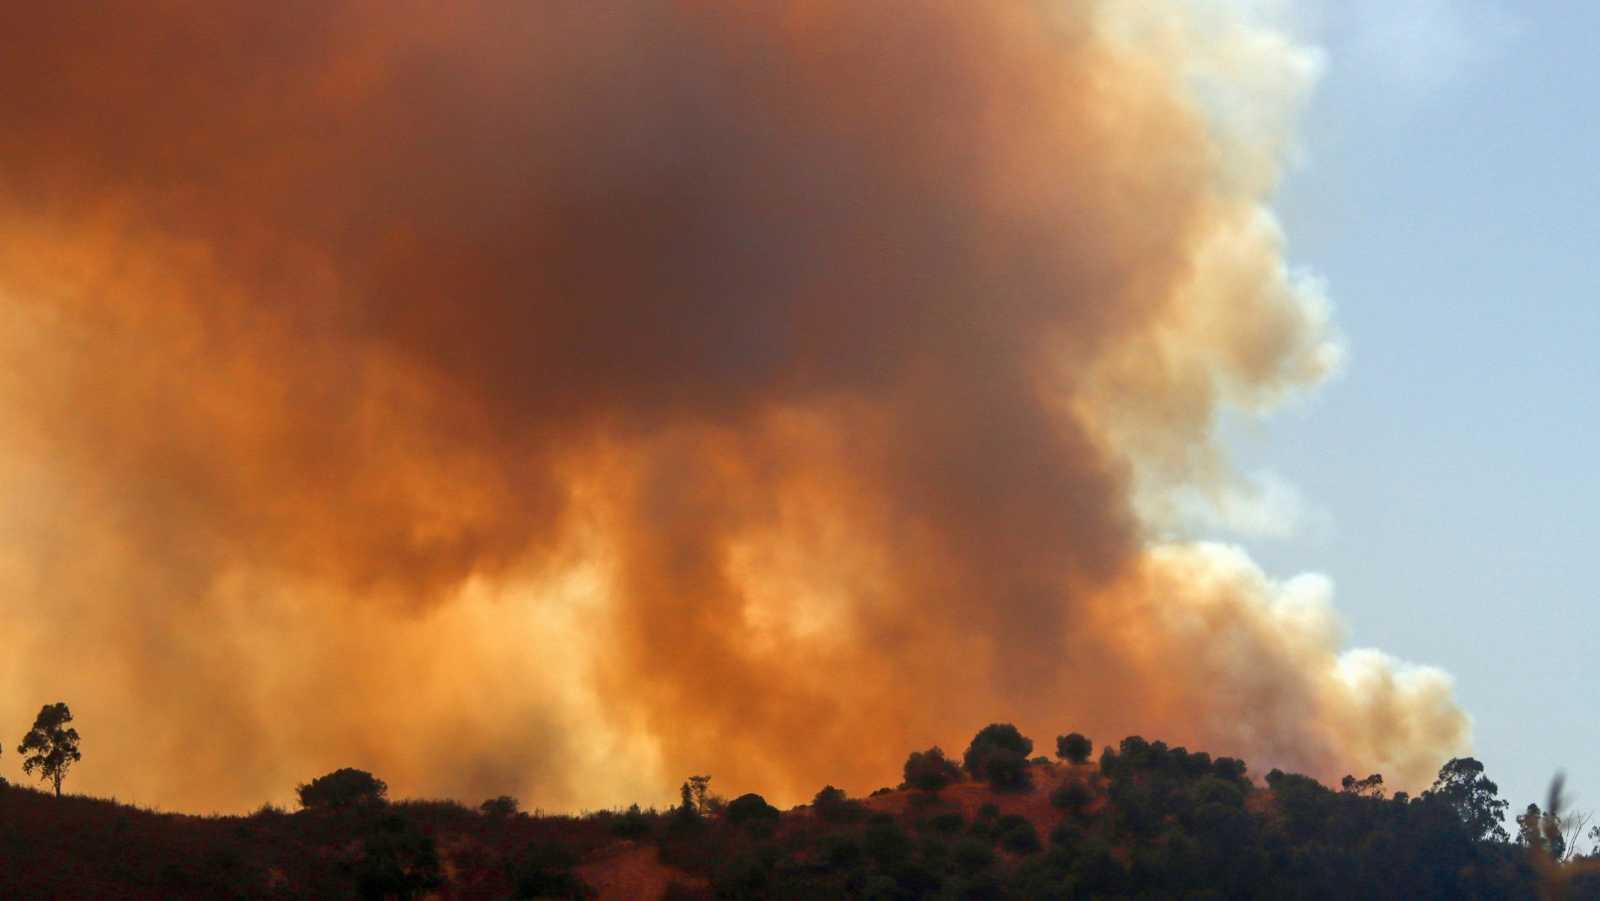 El incendio de Huelva continúa activo y deja 200 personas evacuadas